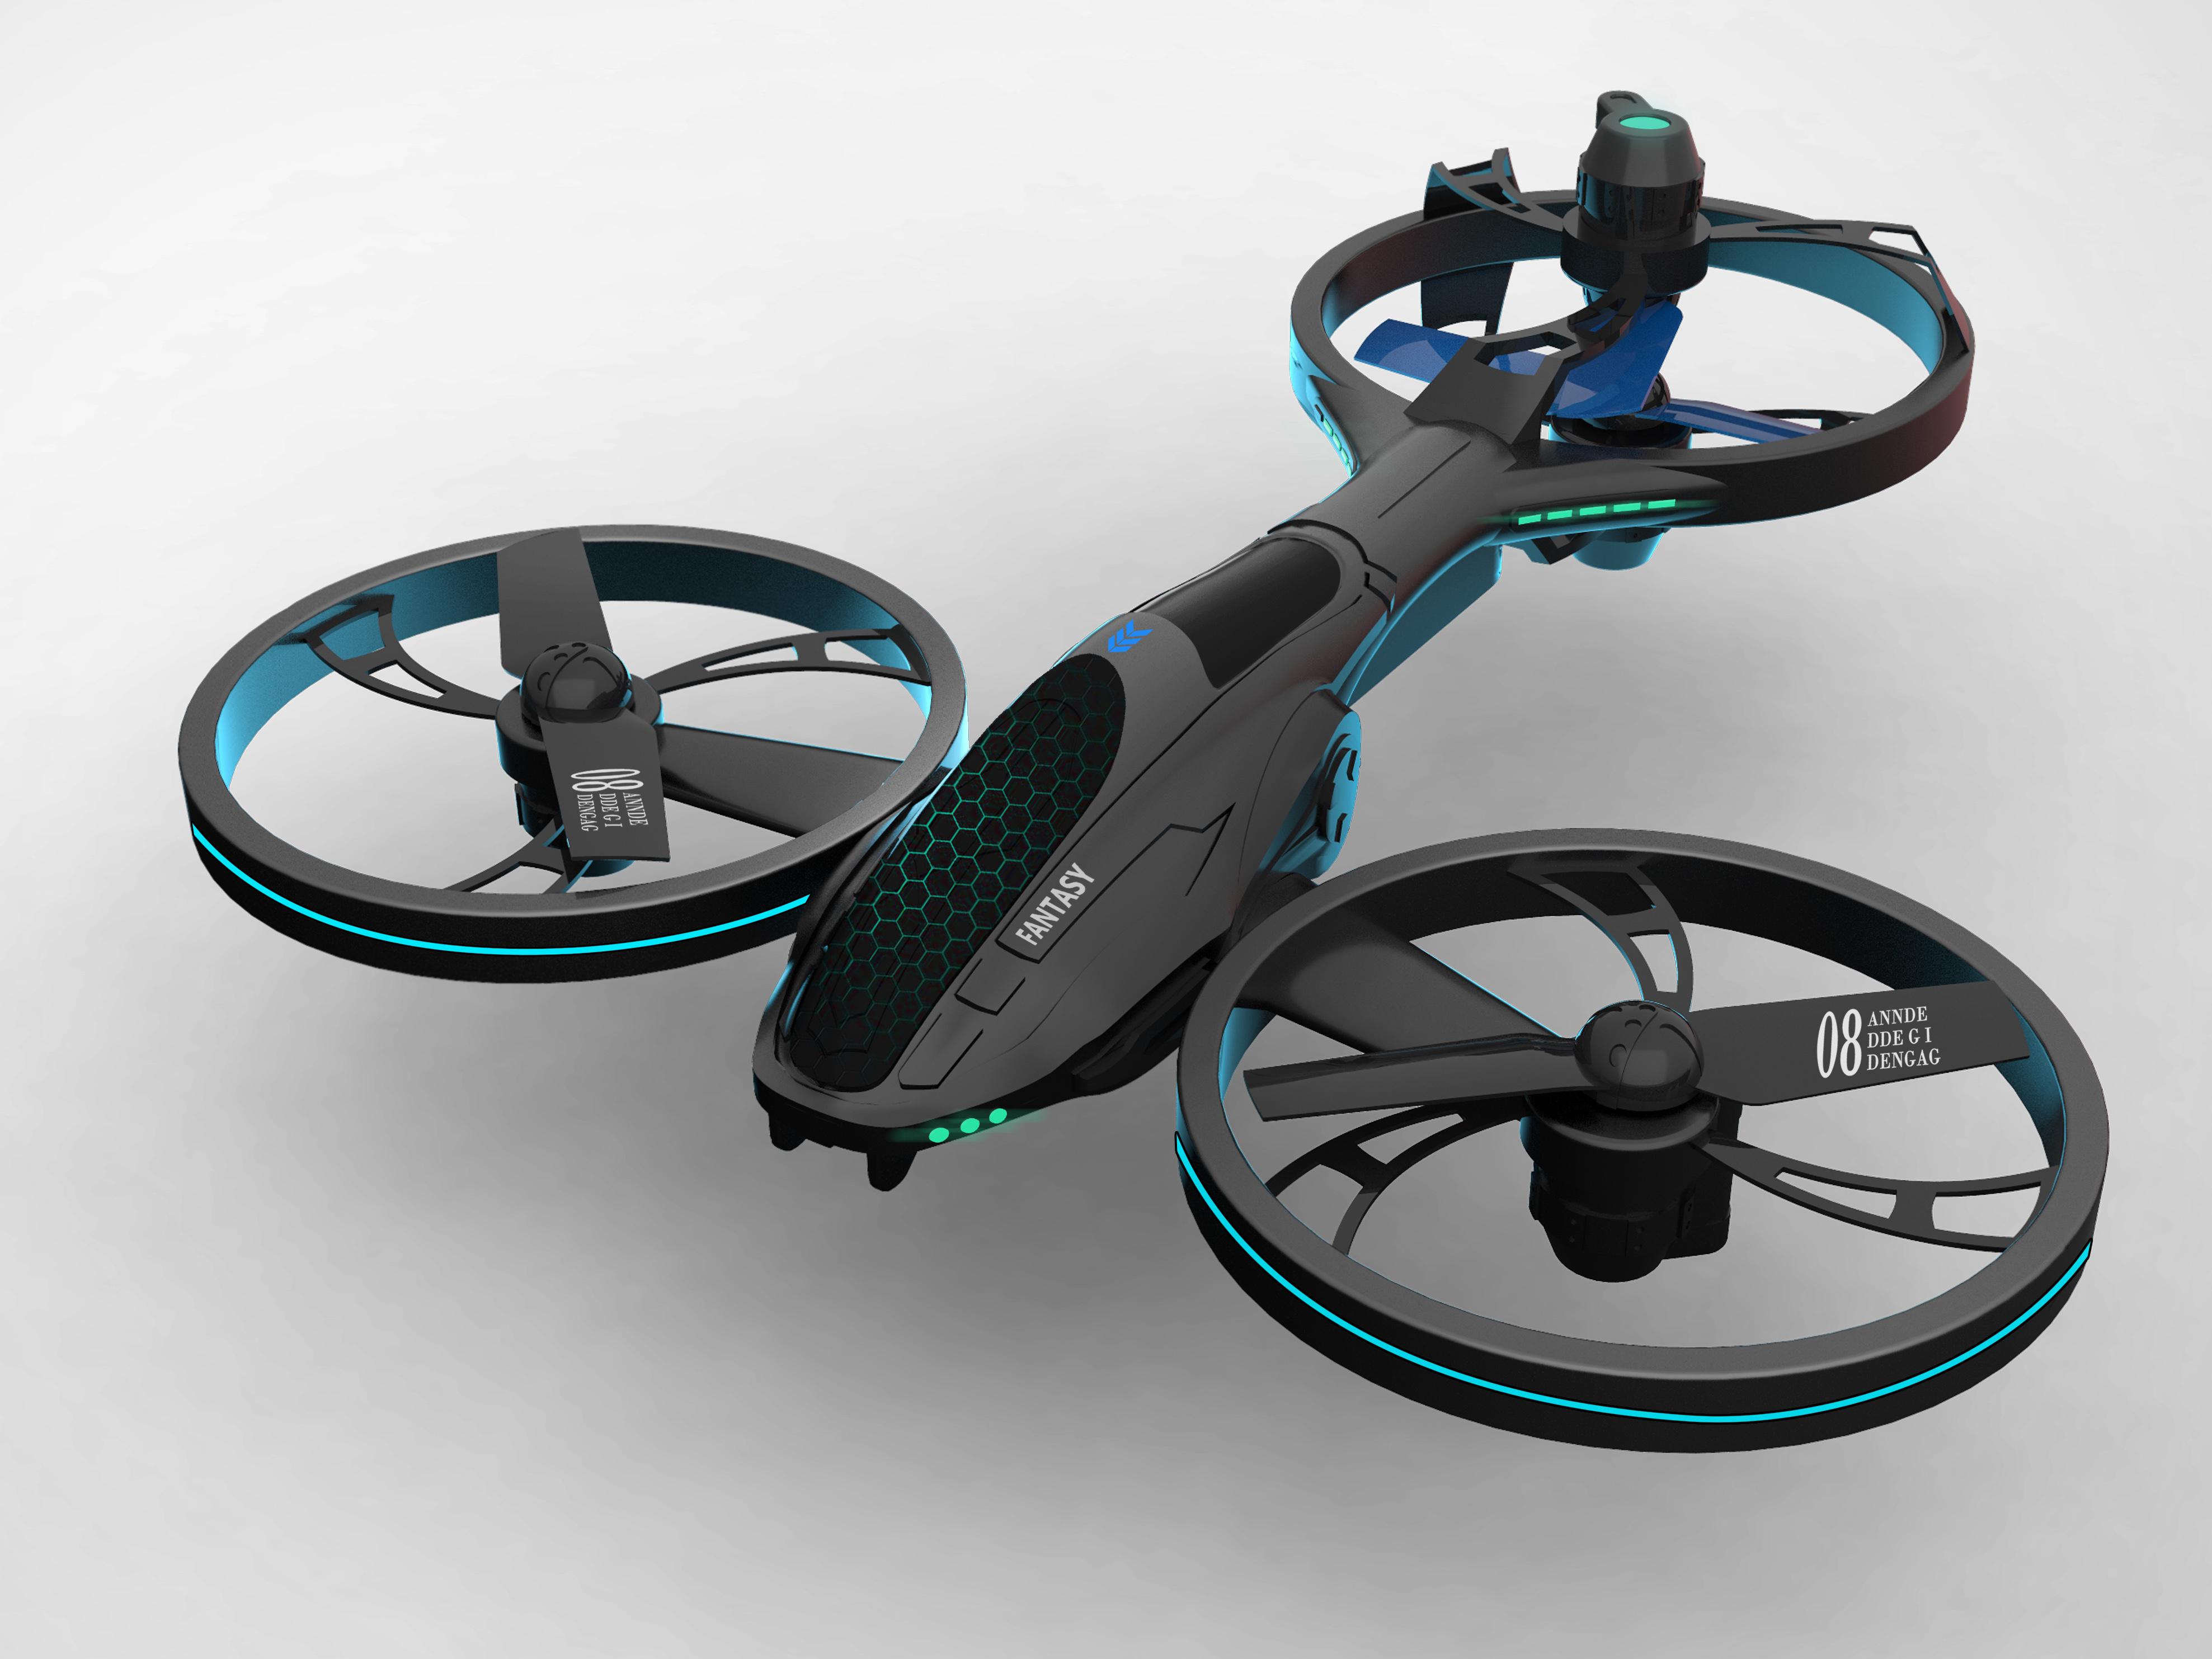 智能航模飞行器设计(全案)